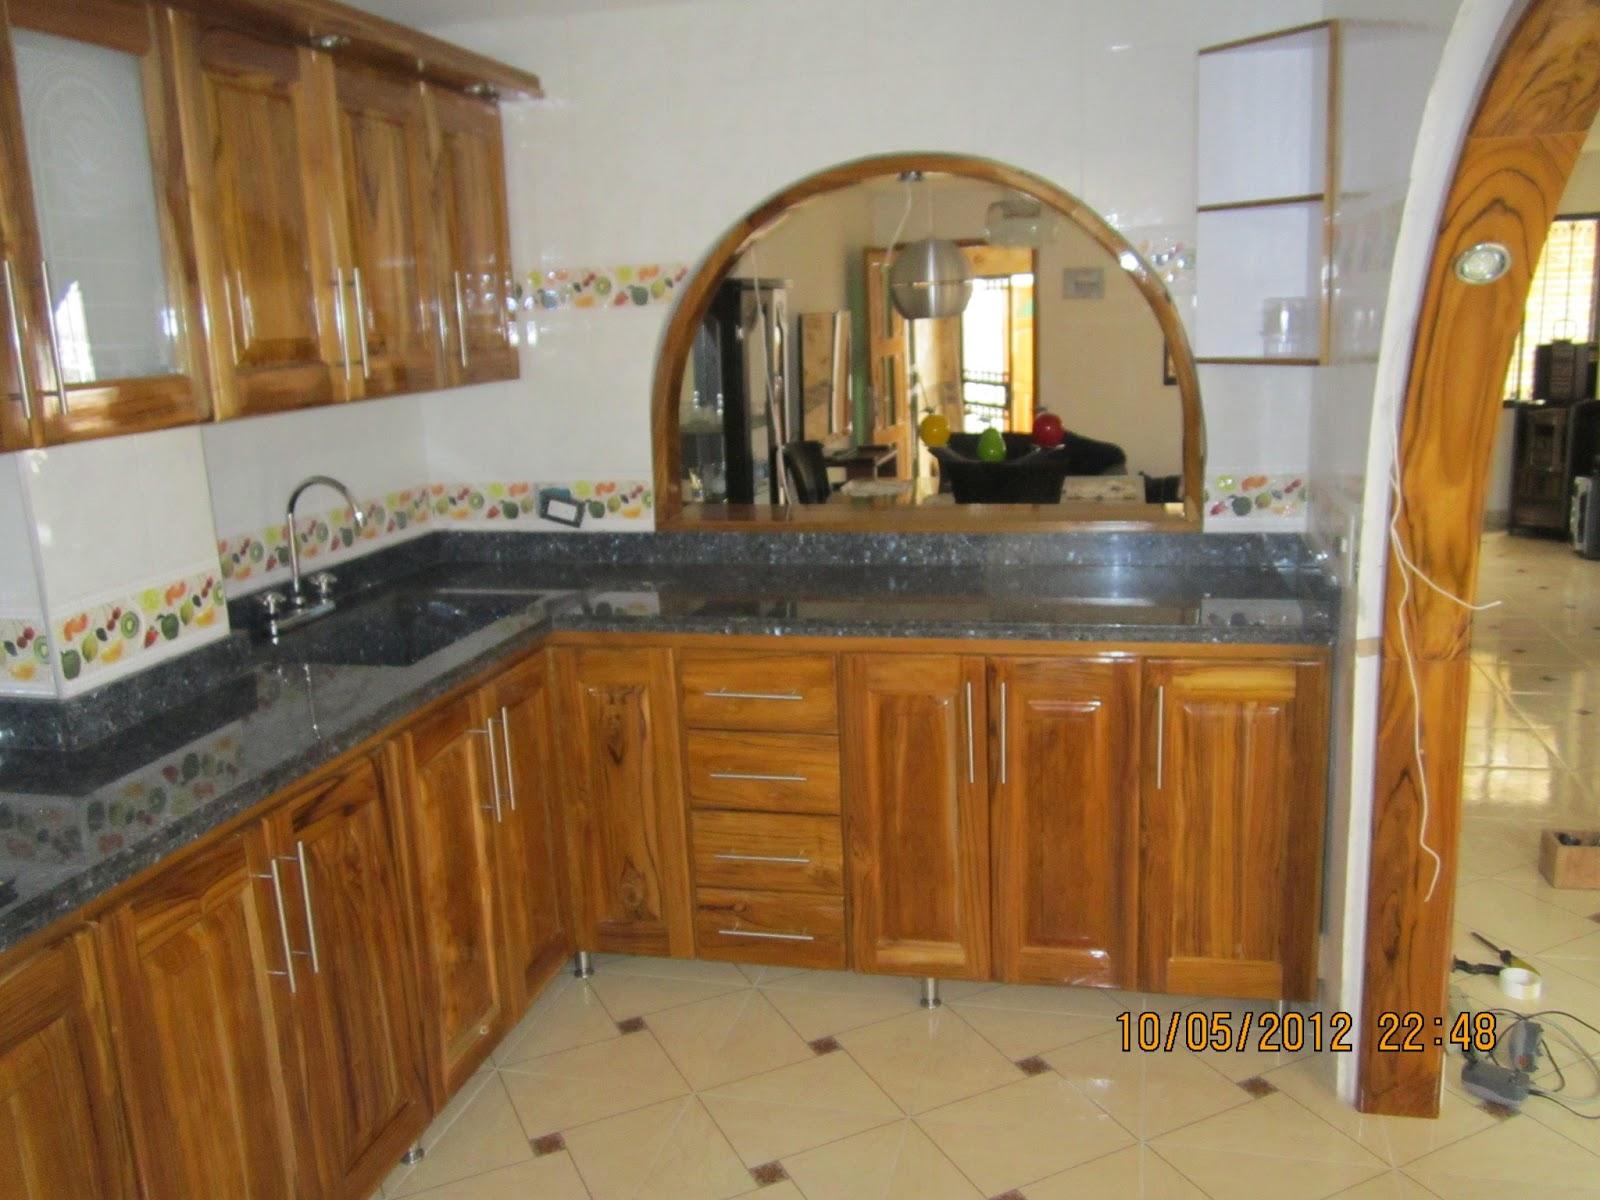 Mgc marmol granito y cuarzo for Cocinas en granito natural